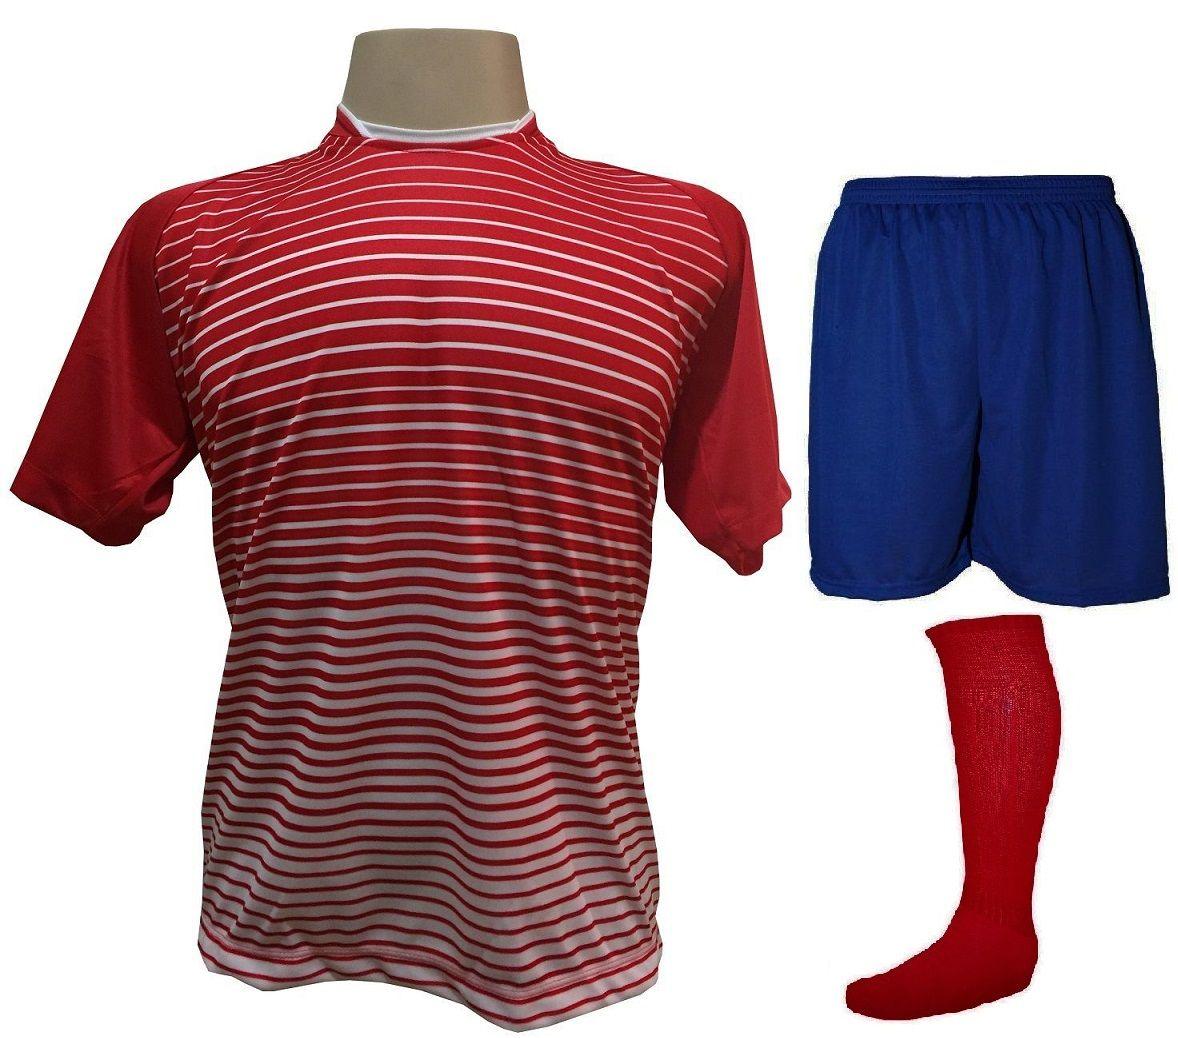 Fardamento Completo modelo City 12+1 (12 Camisas Vermelho/Branco + 12 Calções Madrid Royal + 12 Pares de Meiões Vermelhos + 1 Conjunto de Goleiro) + Brindes